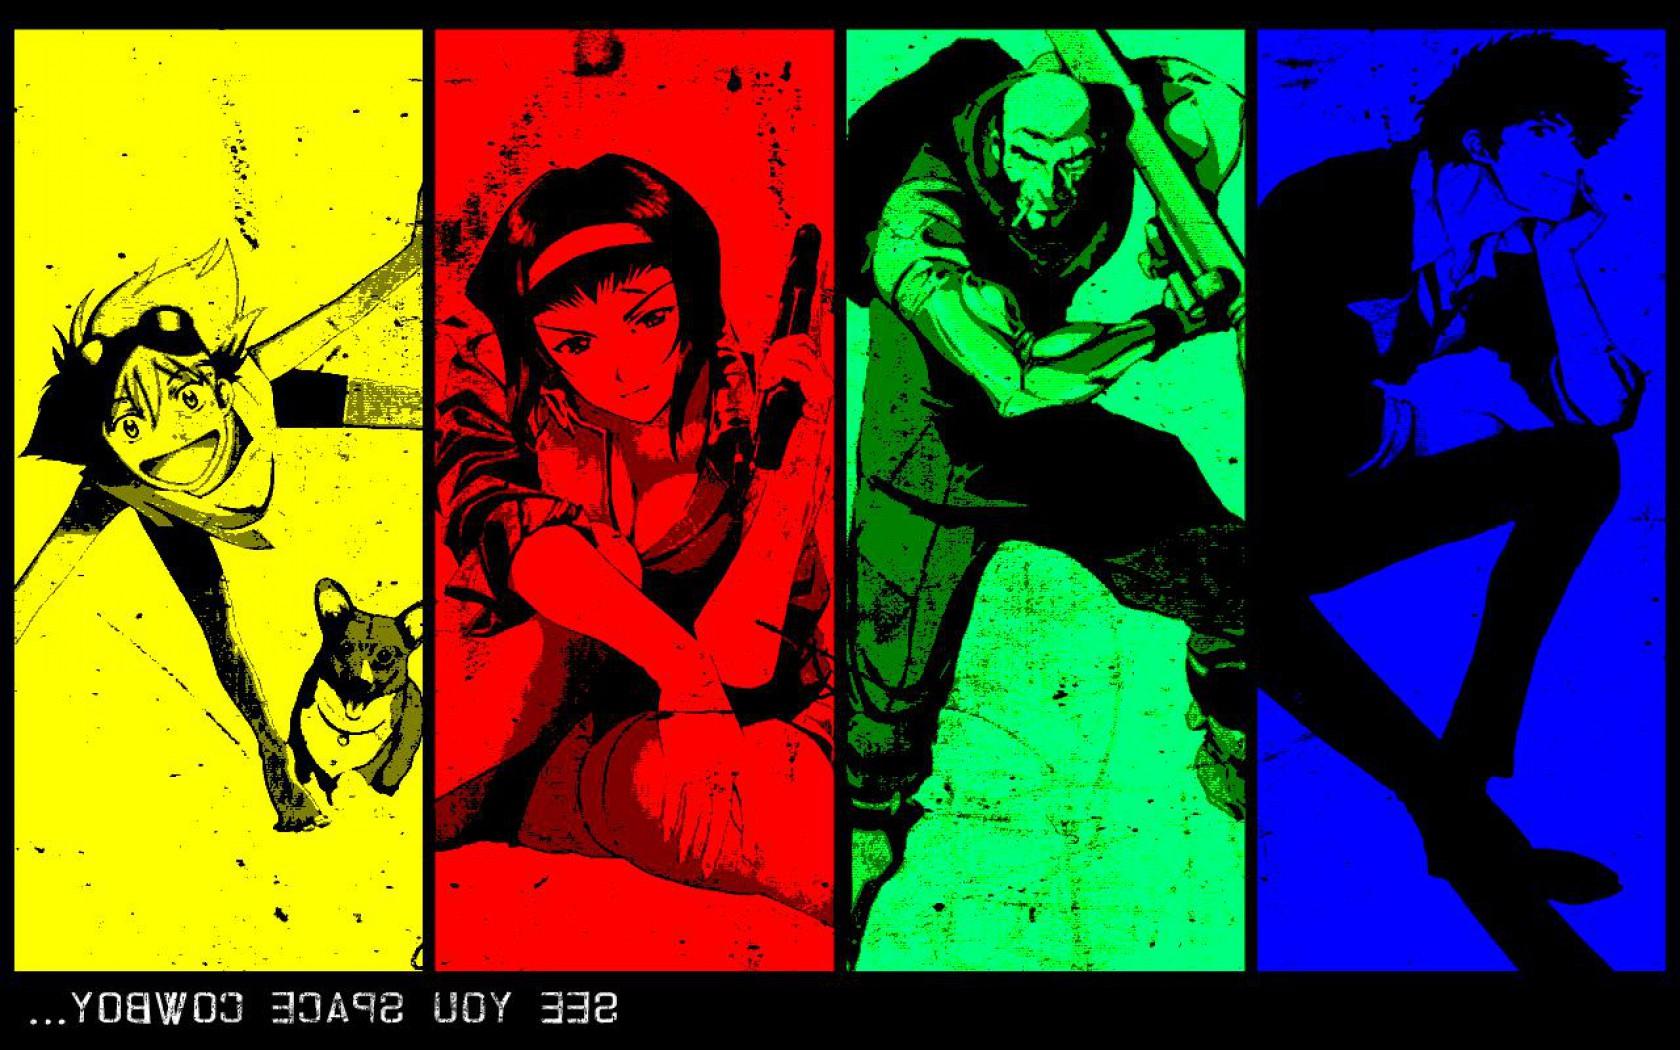 Cowboy Bebop Backgrounds, Compatible - PC, Mobile, Gadgets| 1680x1050 px